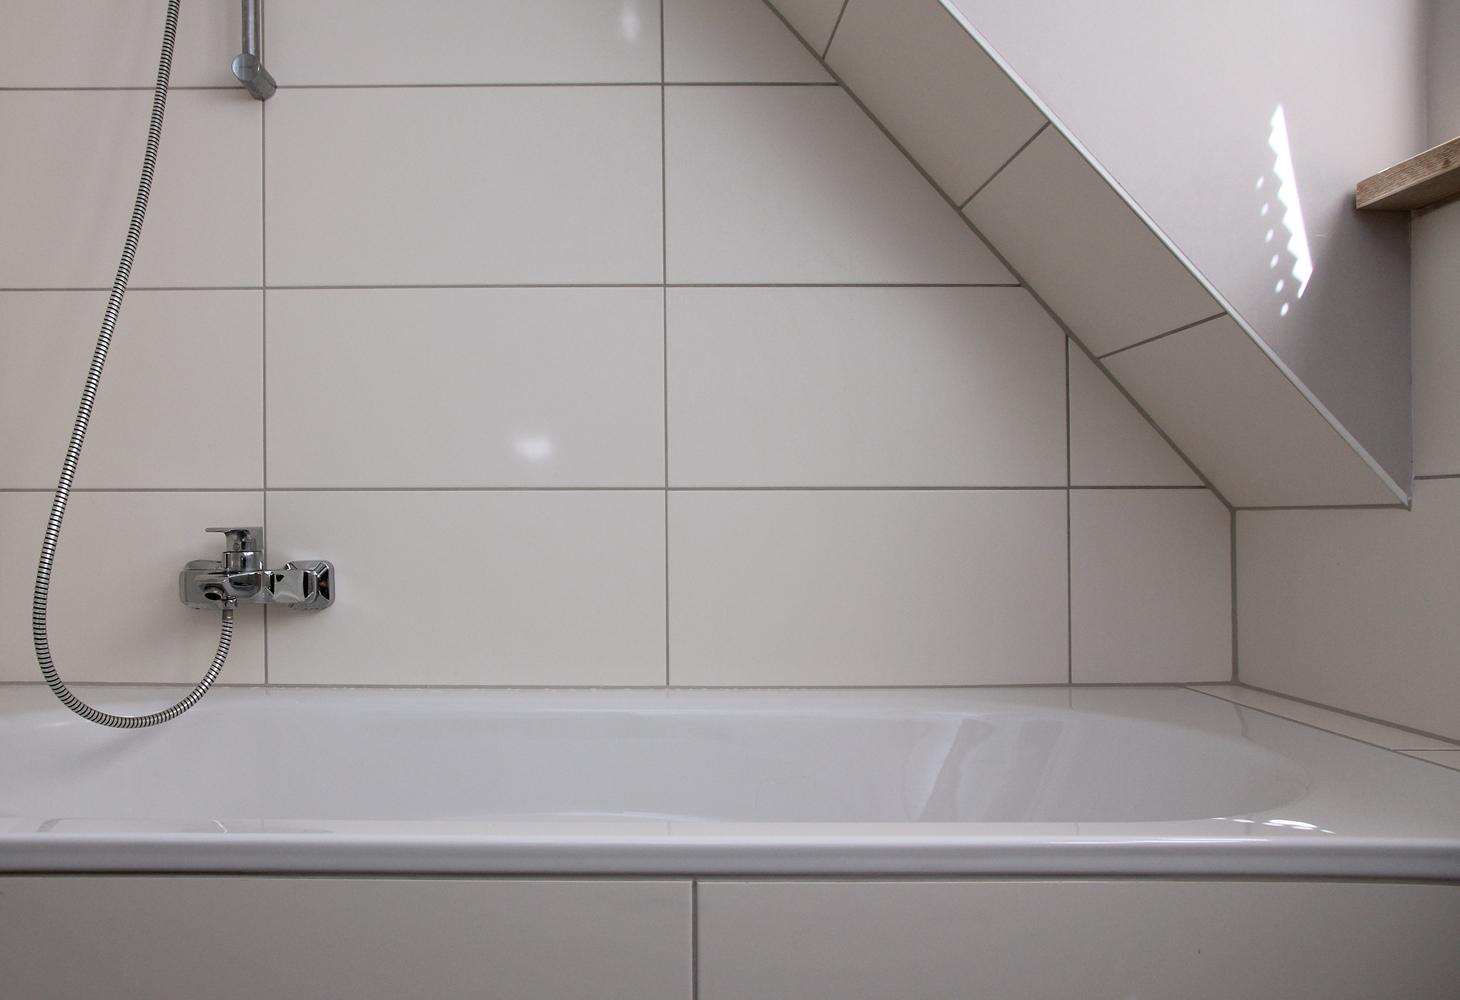 OG: Wandgestaltung mit weissen, schlichten Keramikfliesen 30 x 60 cm.